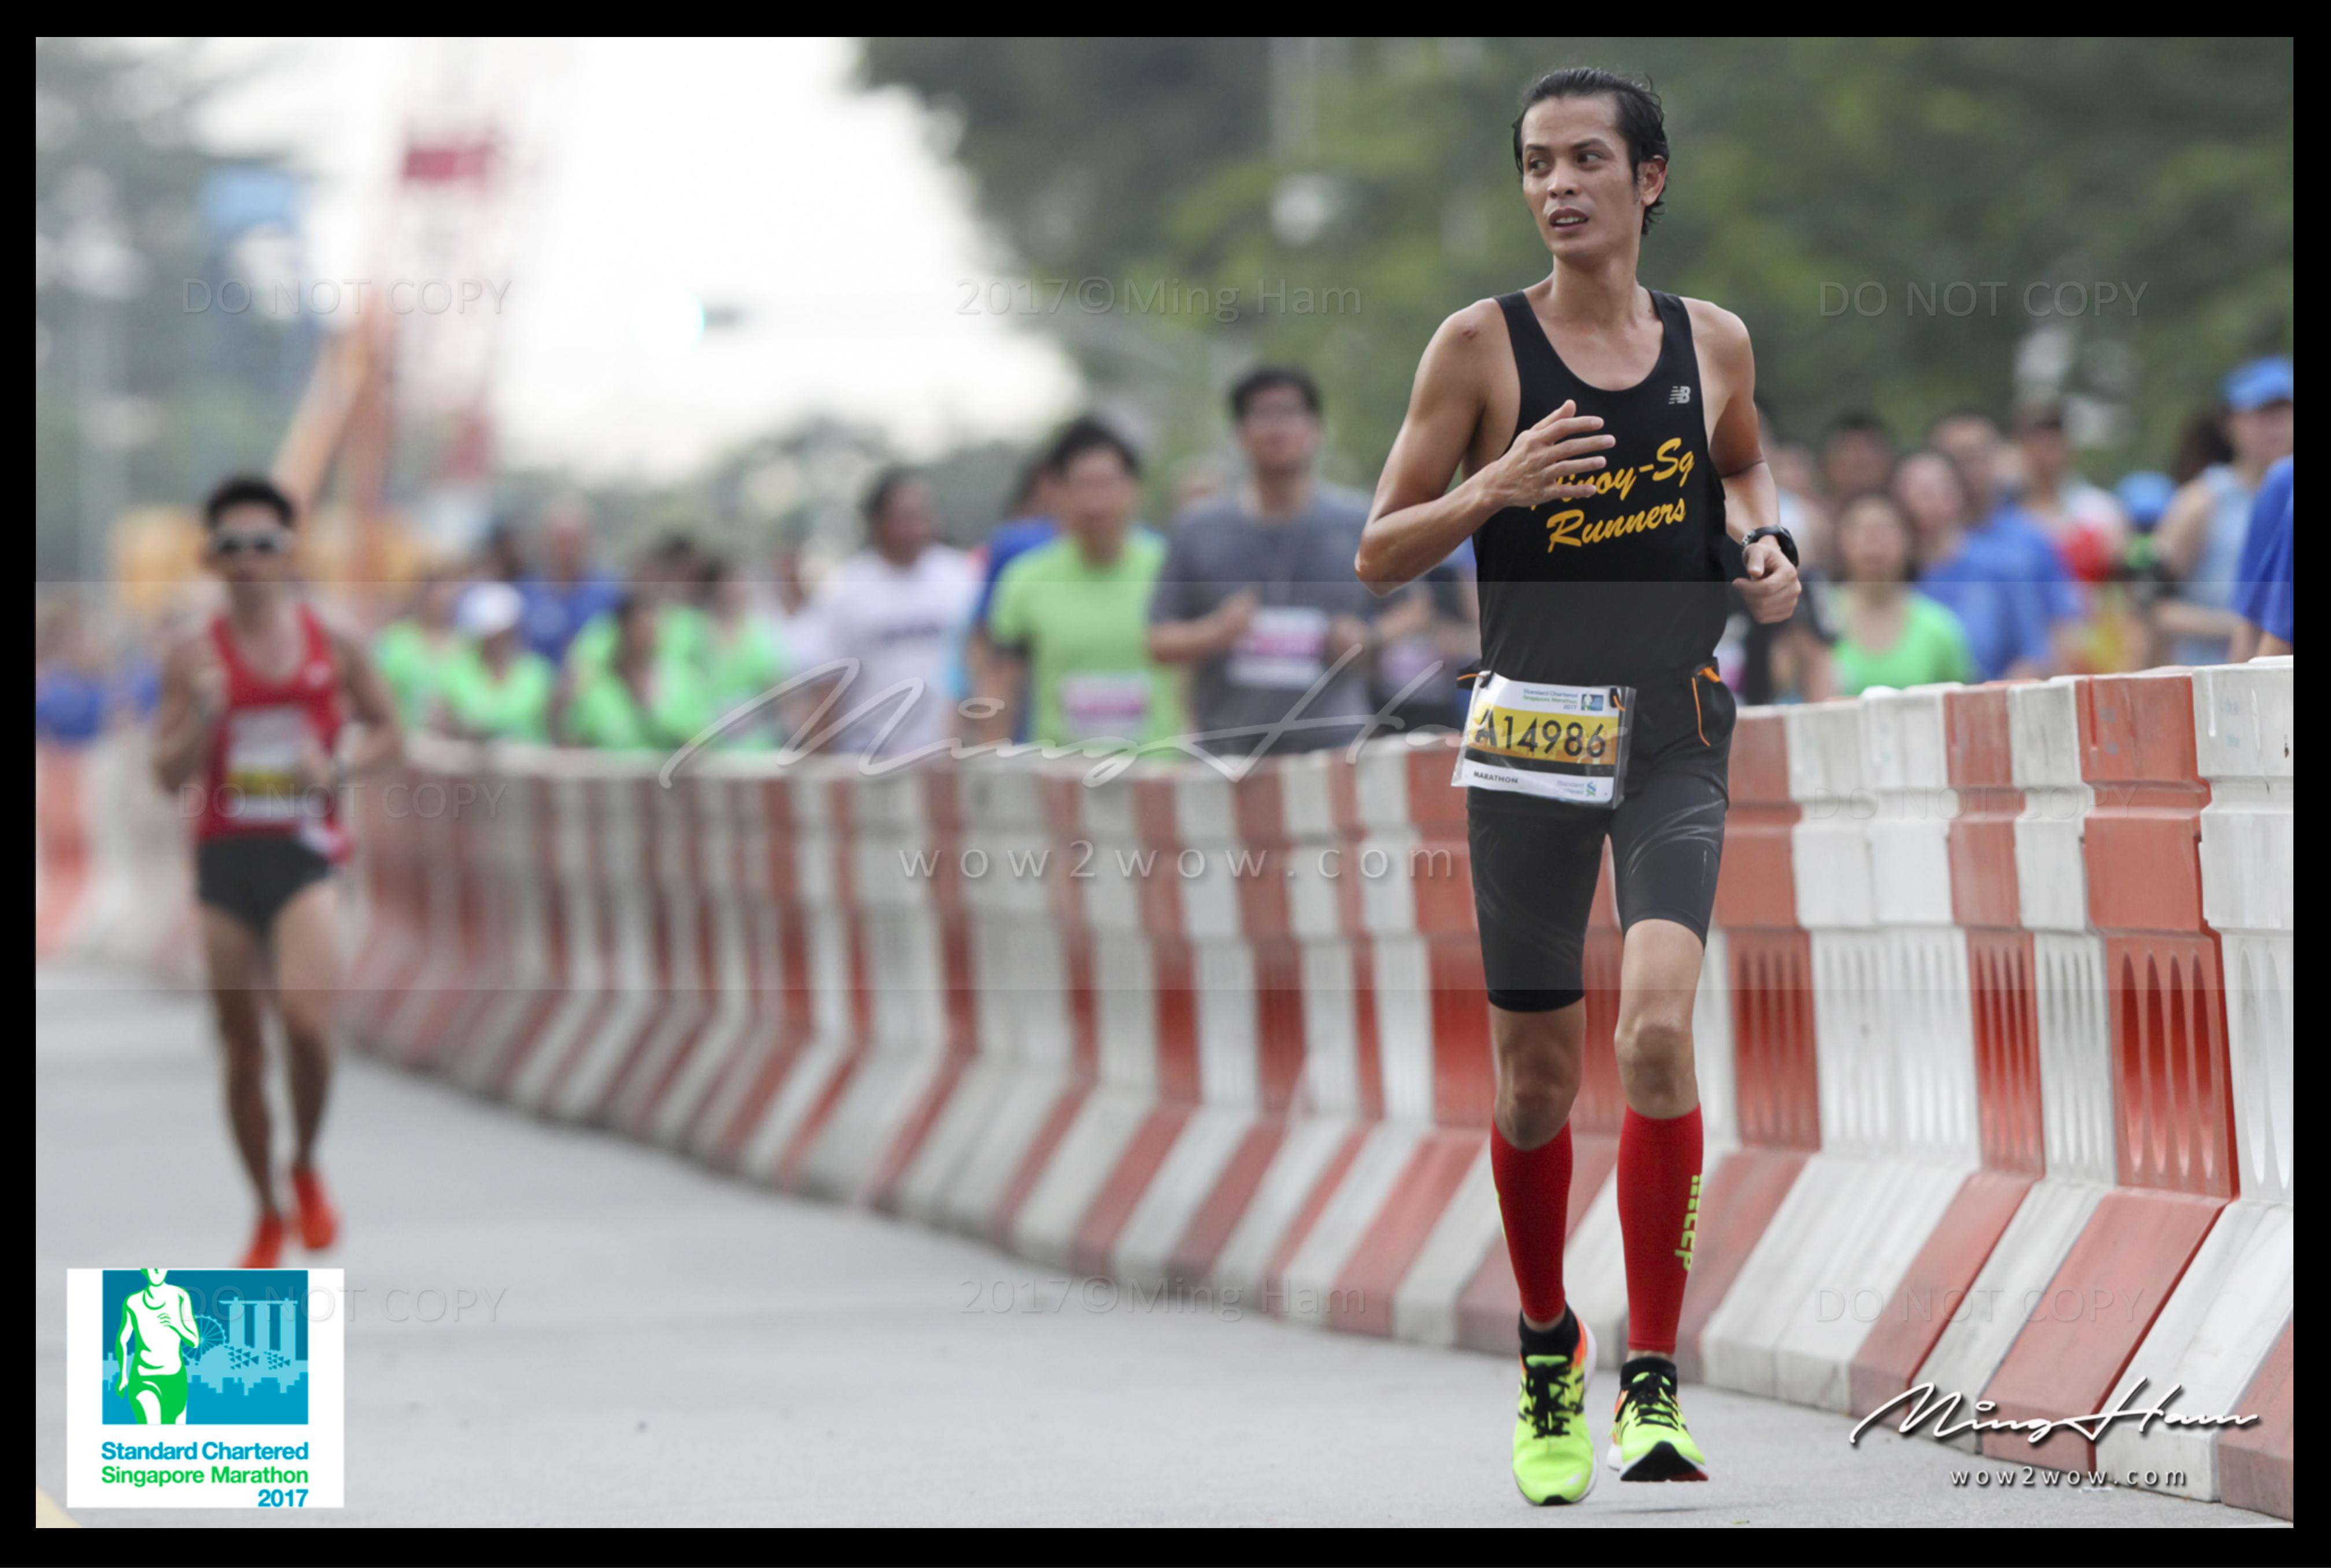 SCSM_2017_0698 (PinoySG fast runner))